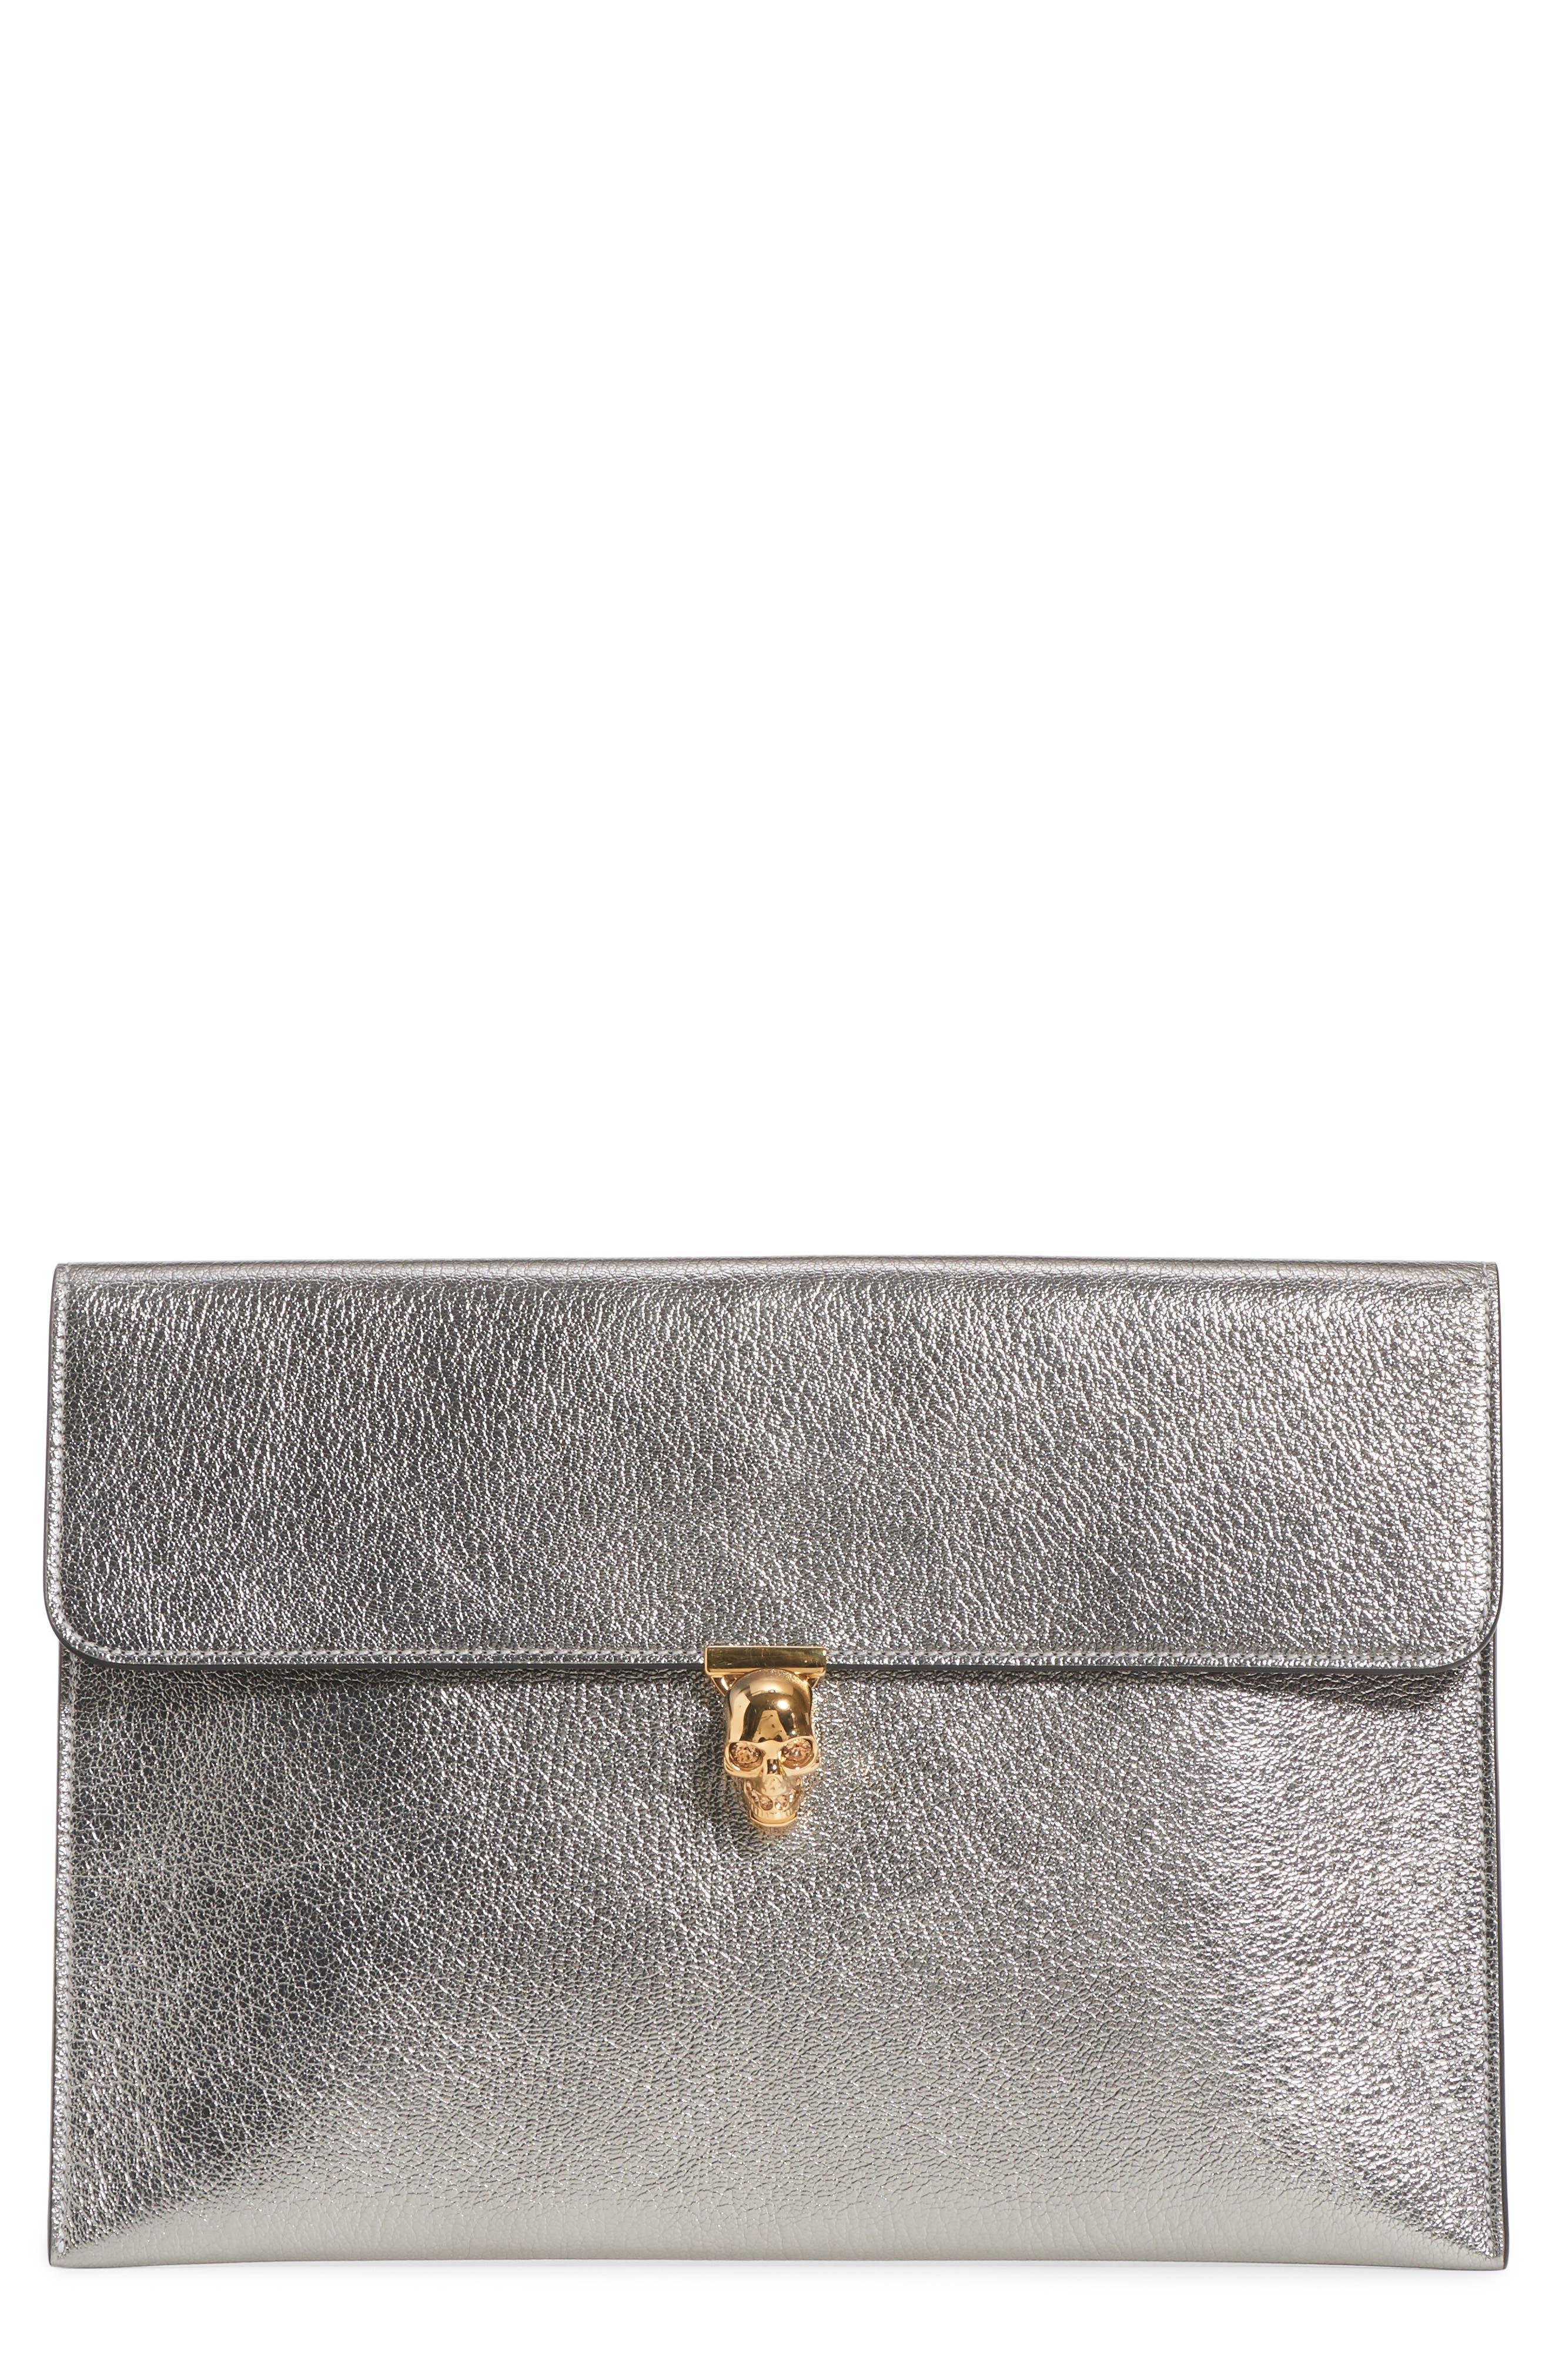 Alexander McQueen Metallic Leather Envelope Clutch